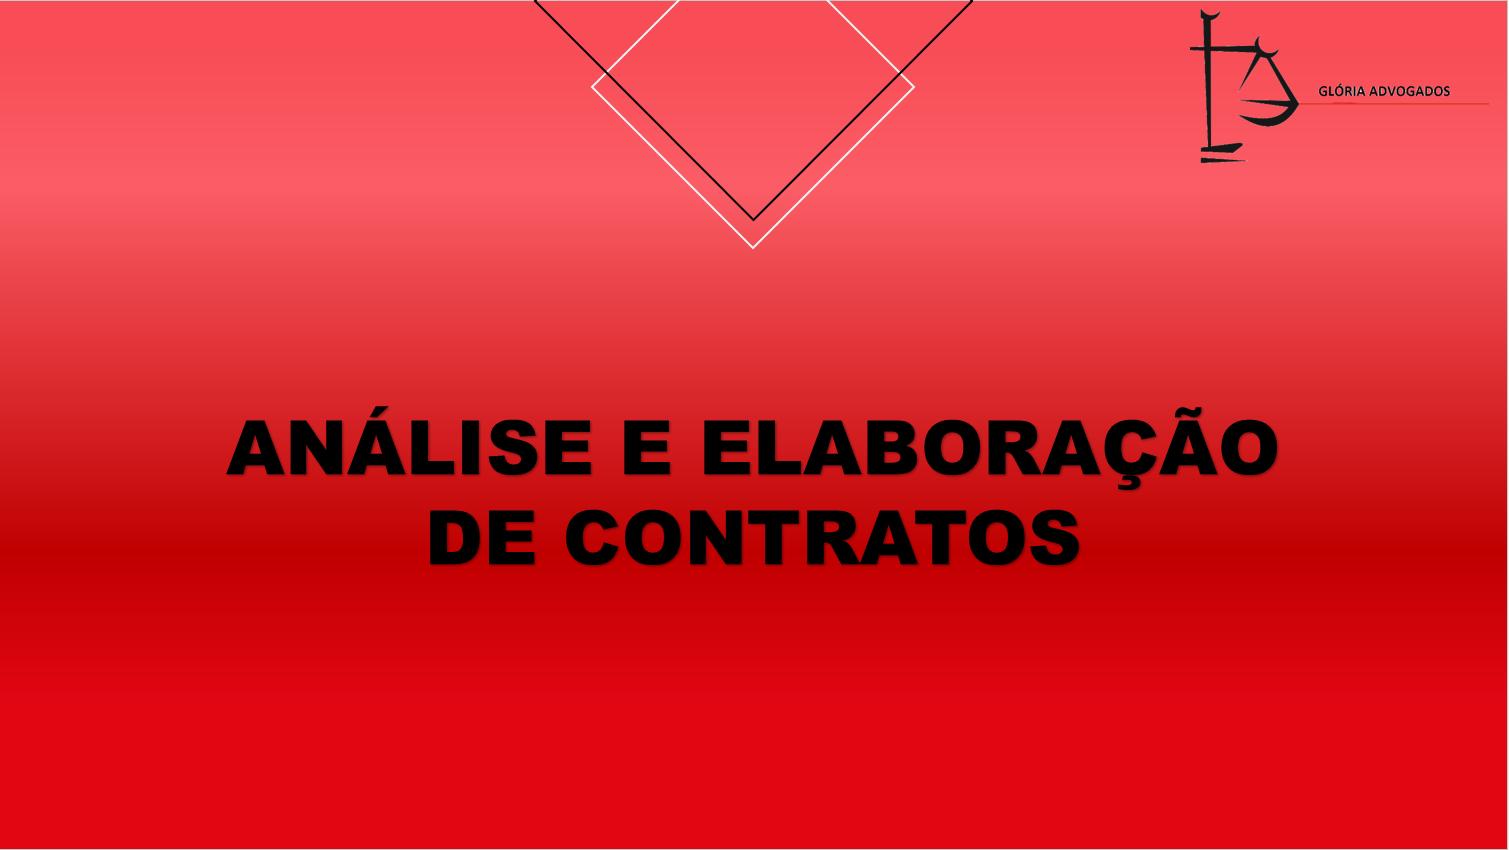 ANÁLISE_E_ELABORAÇÃO_DE_CONTRATOS